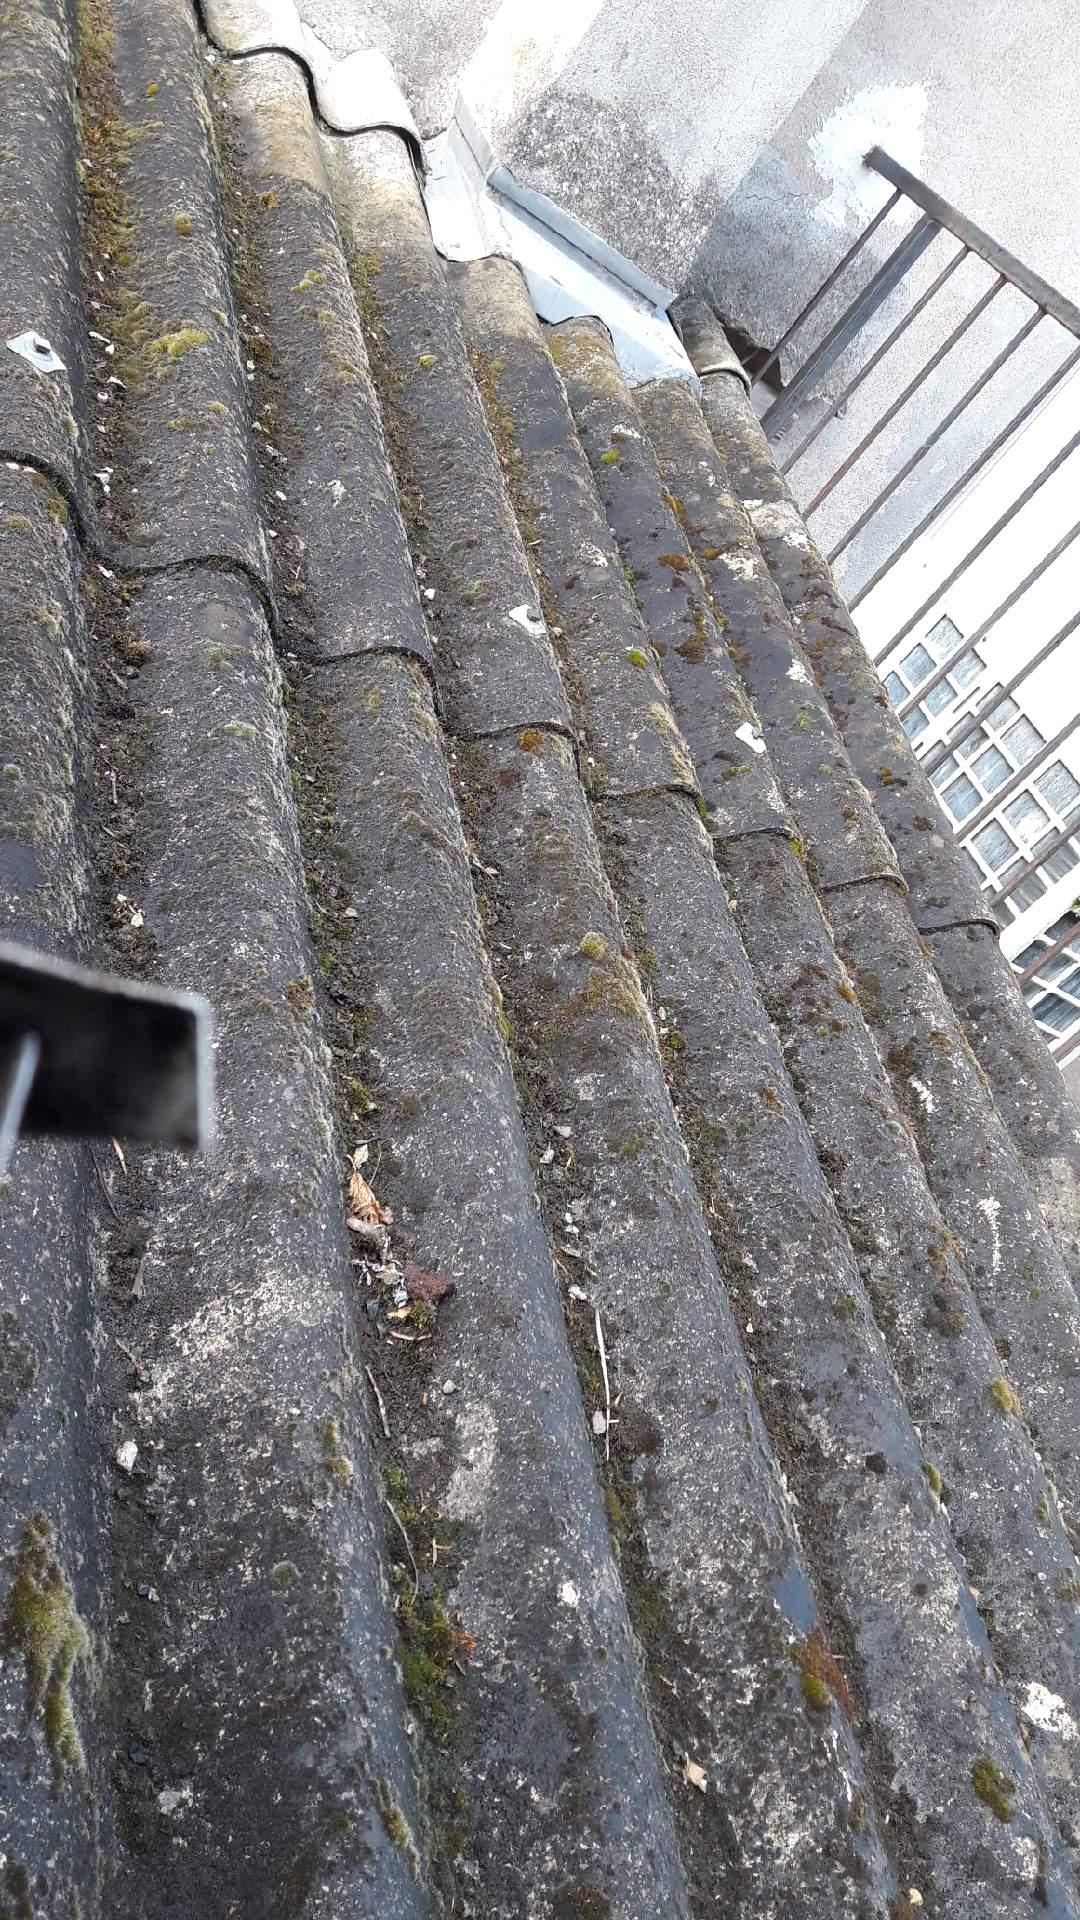 ravalement-de-façade-Corne-49630